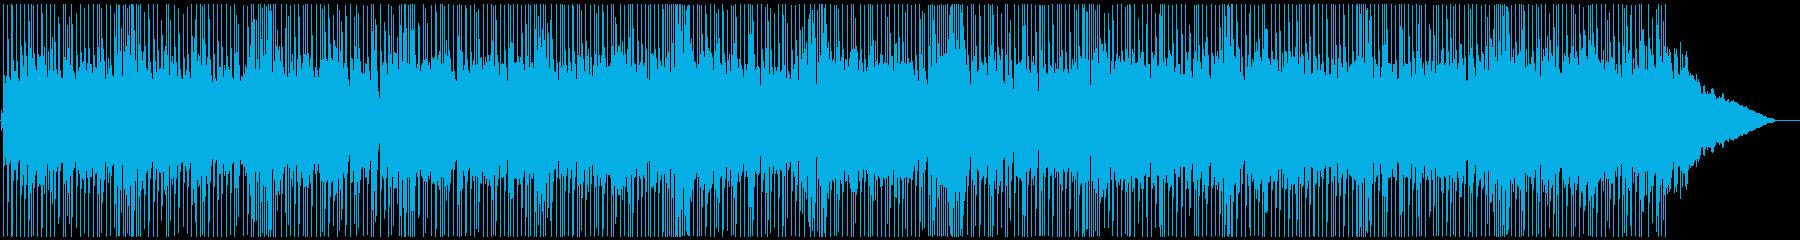 明るく元気なパンクポップの再生済みの波形